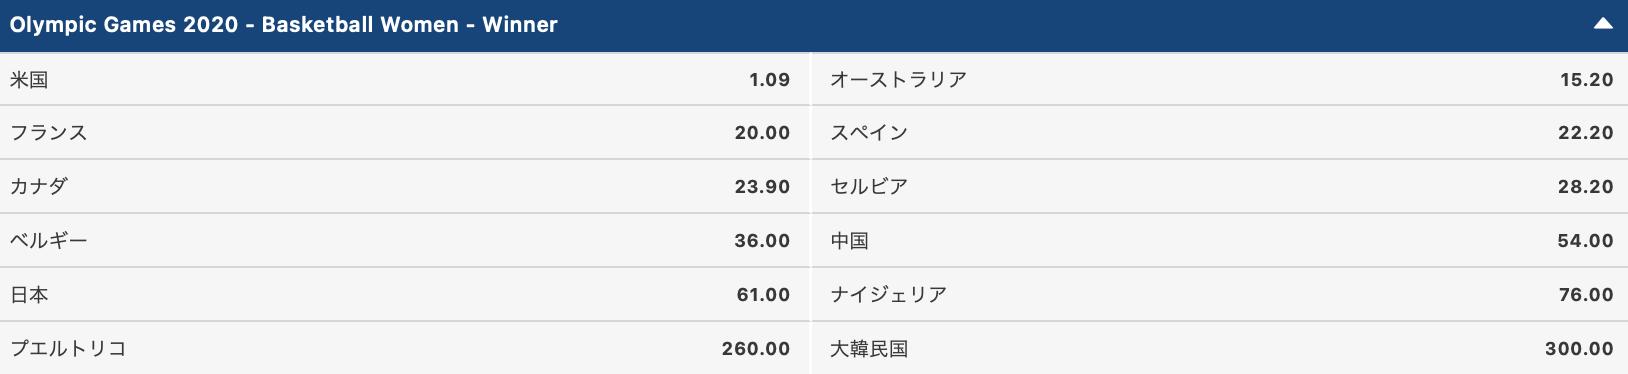 2020東京オリンピック女子バスケットボール優勝・金メダル予想オッズ評価